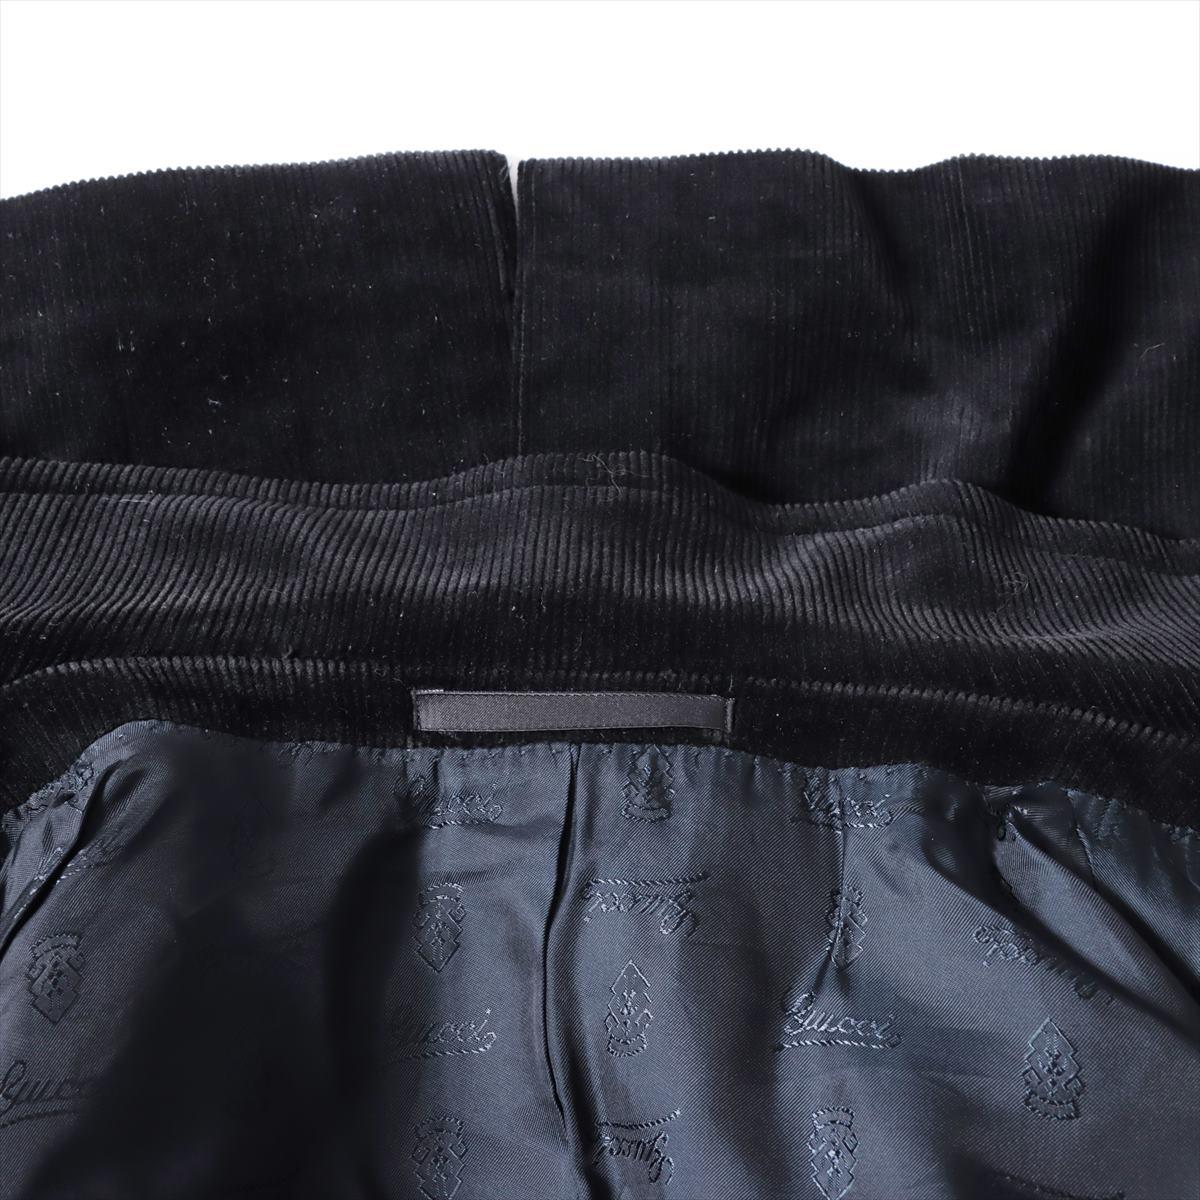 【中古】グッチ コーデュロイ ジャケット 44 メンズ ブラック